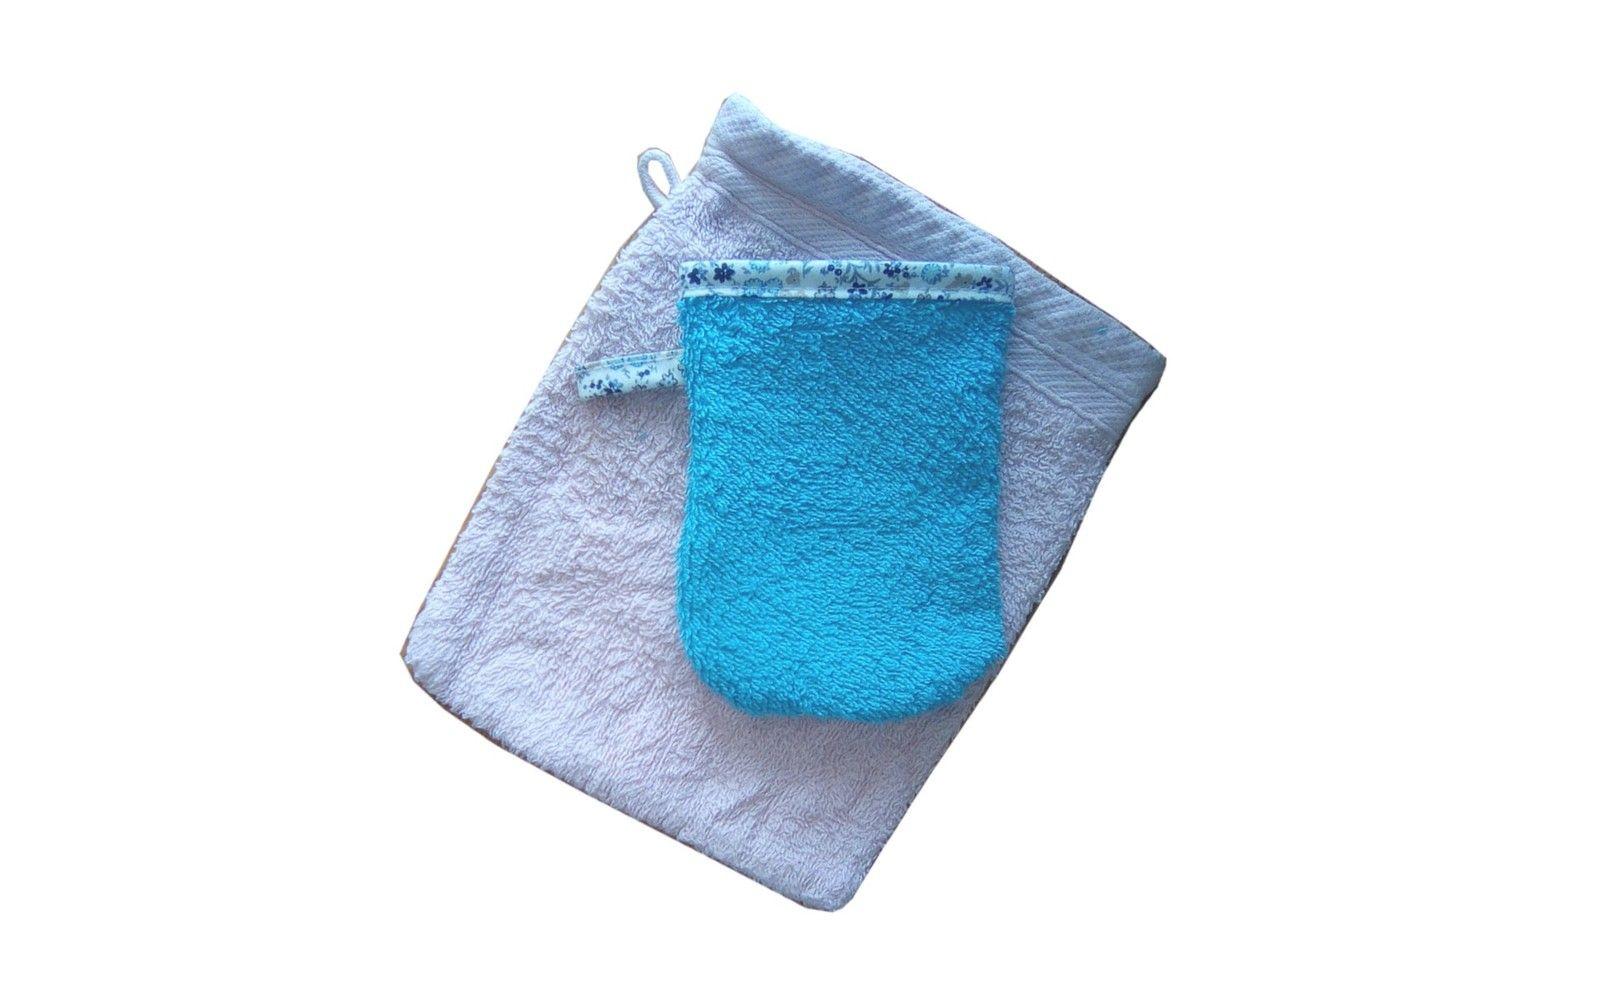 Tuto Mini Gant De Toilette Pour Les Enfants | Gant, Gant pour Tuto Mini Gant De Toilette